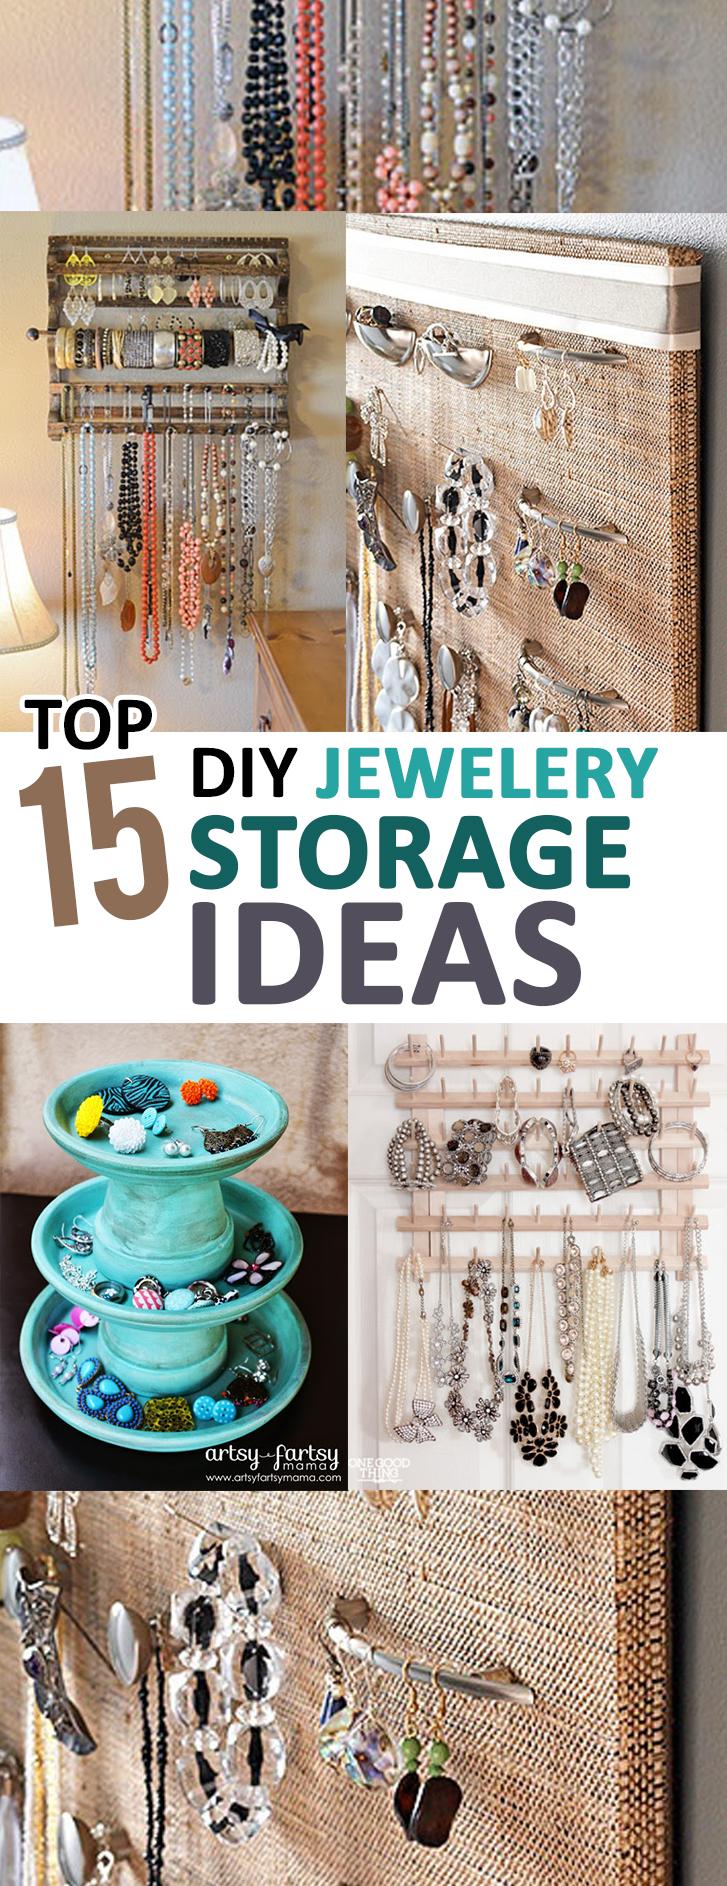 Top 15 DIY Jewelery Storage Ideas